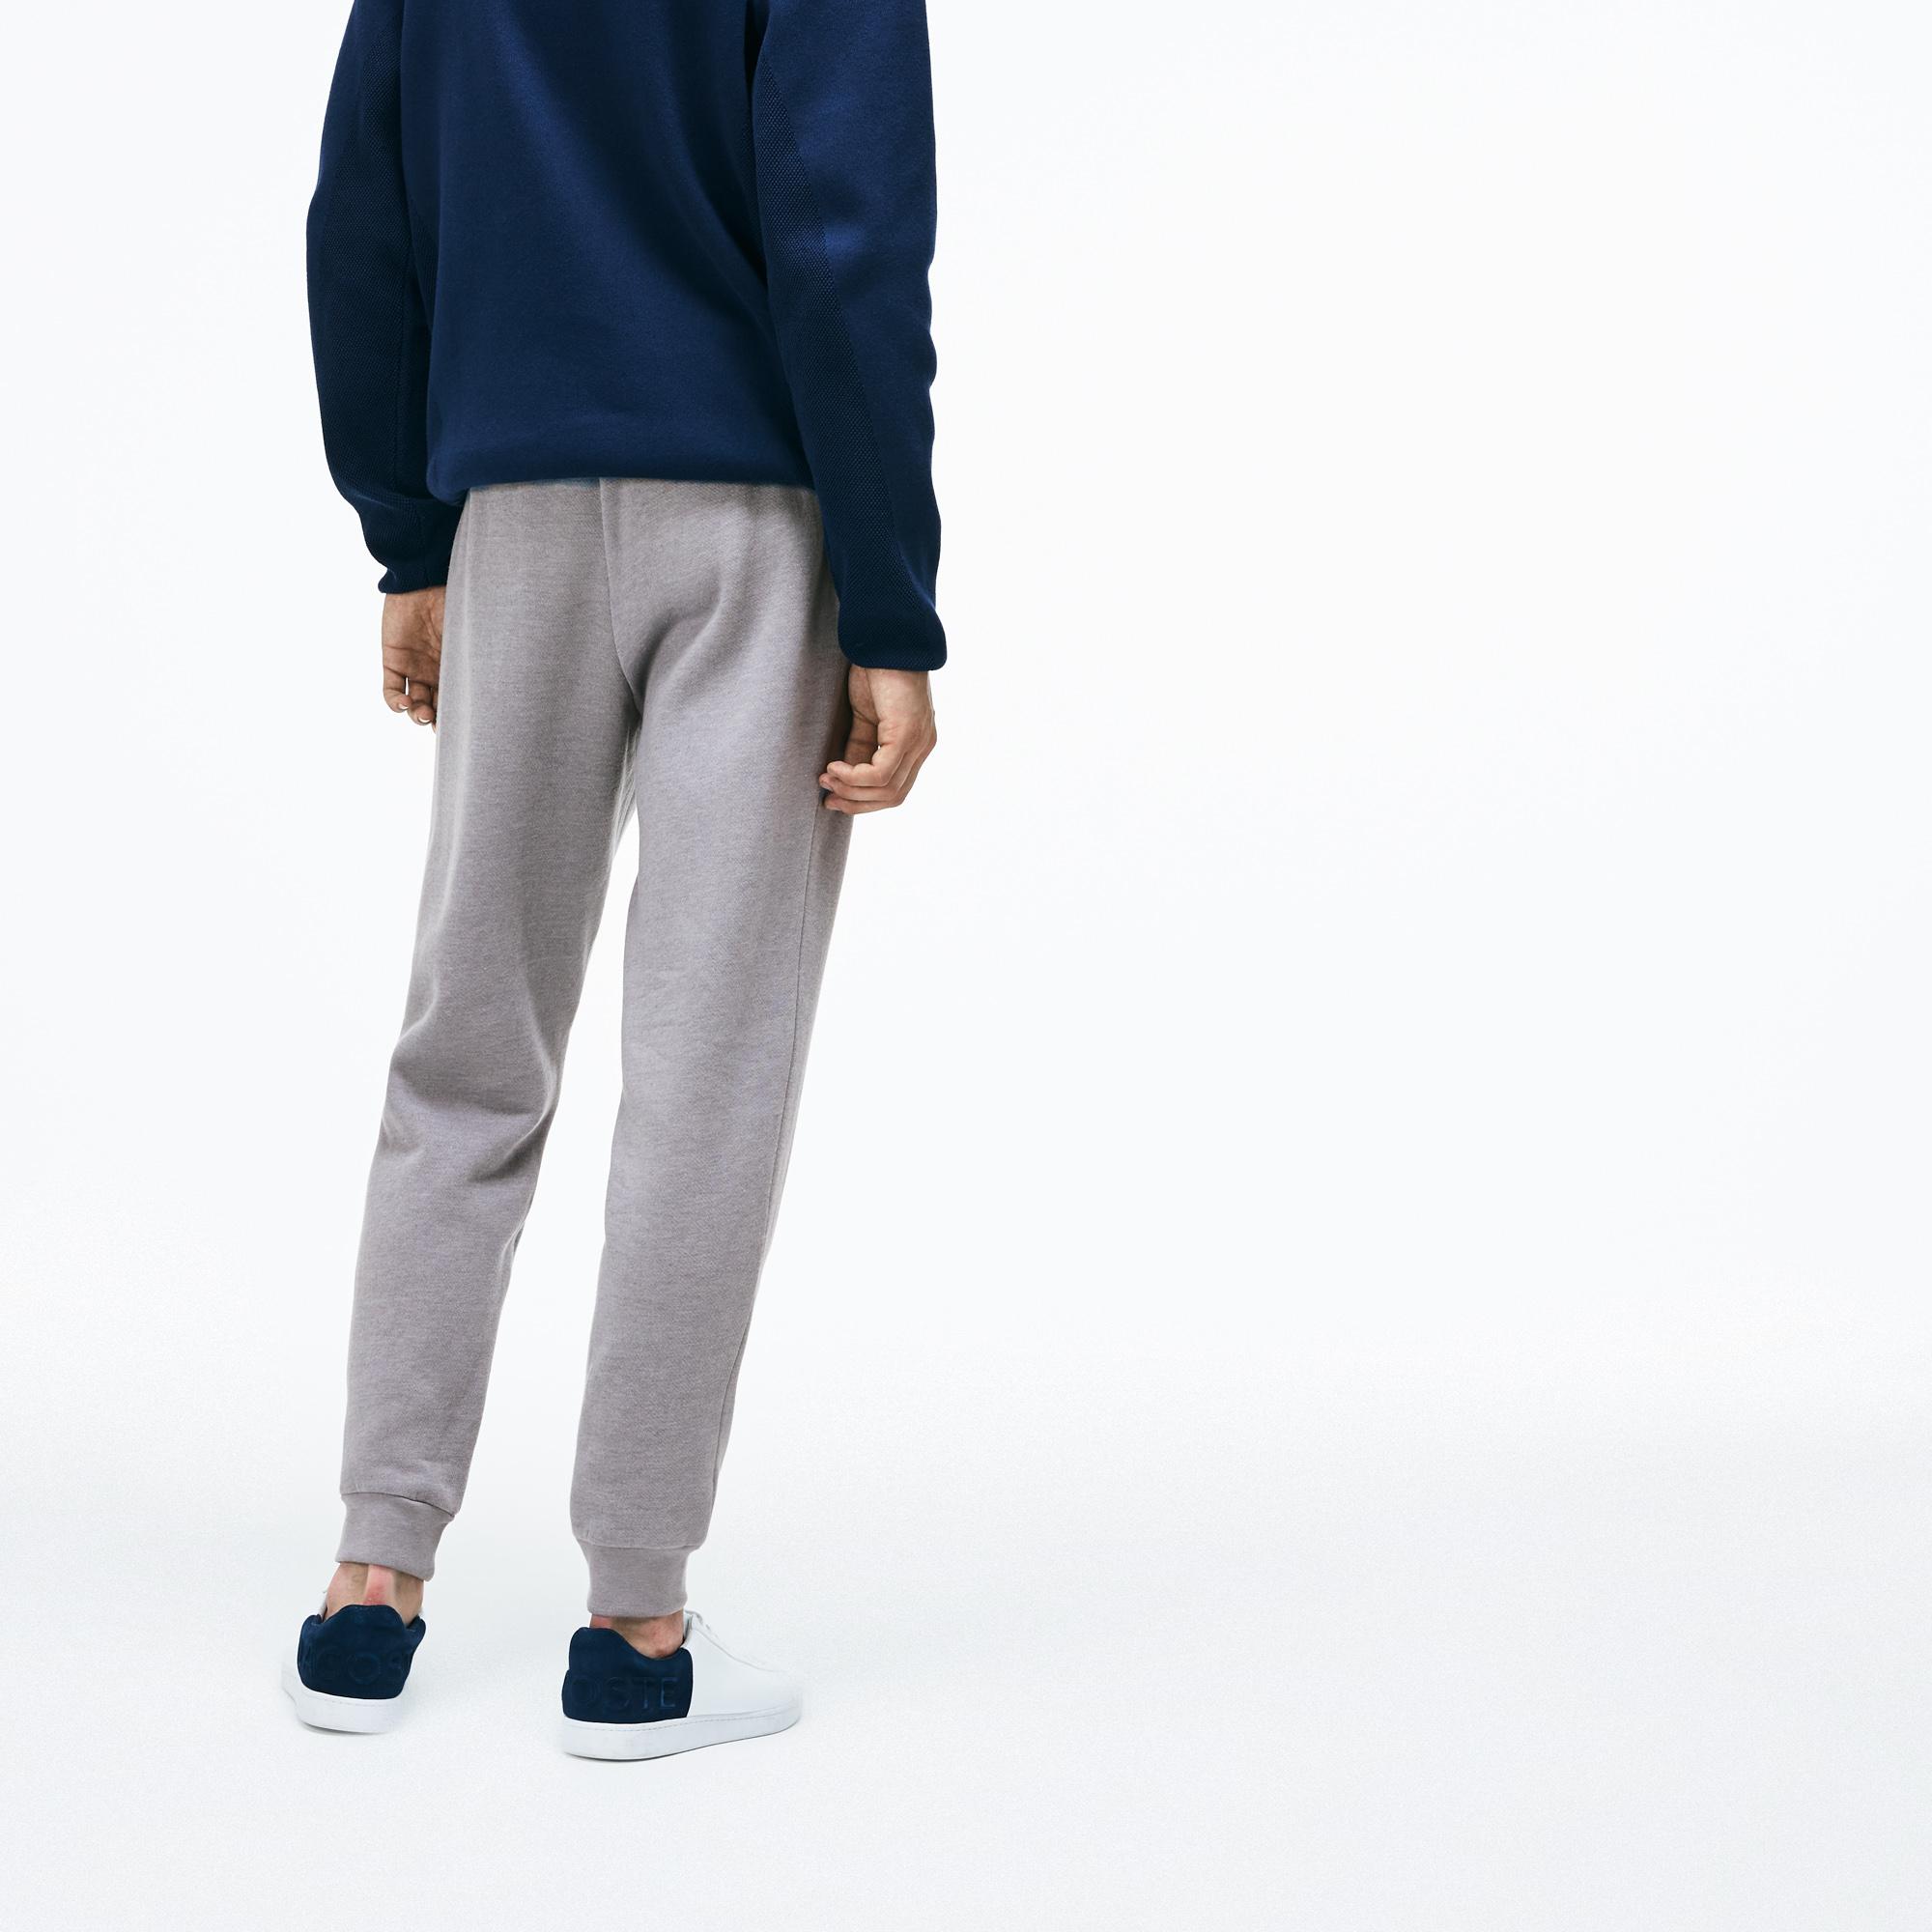 Фото 2 - Спортивные штаны Lacoste серого цвета